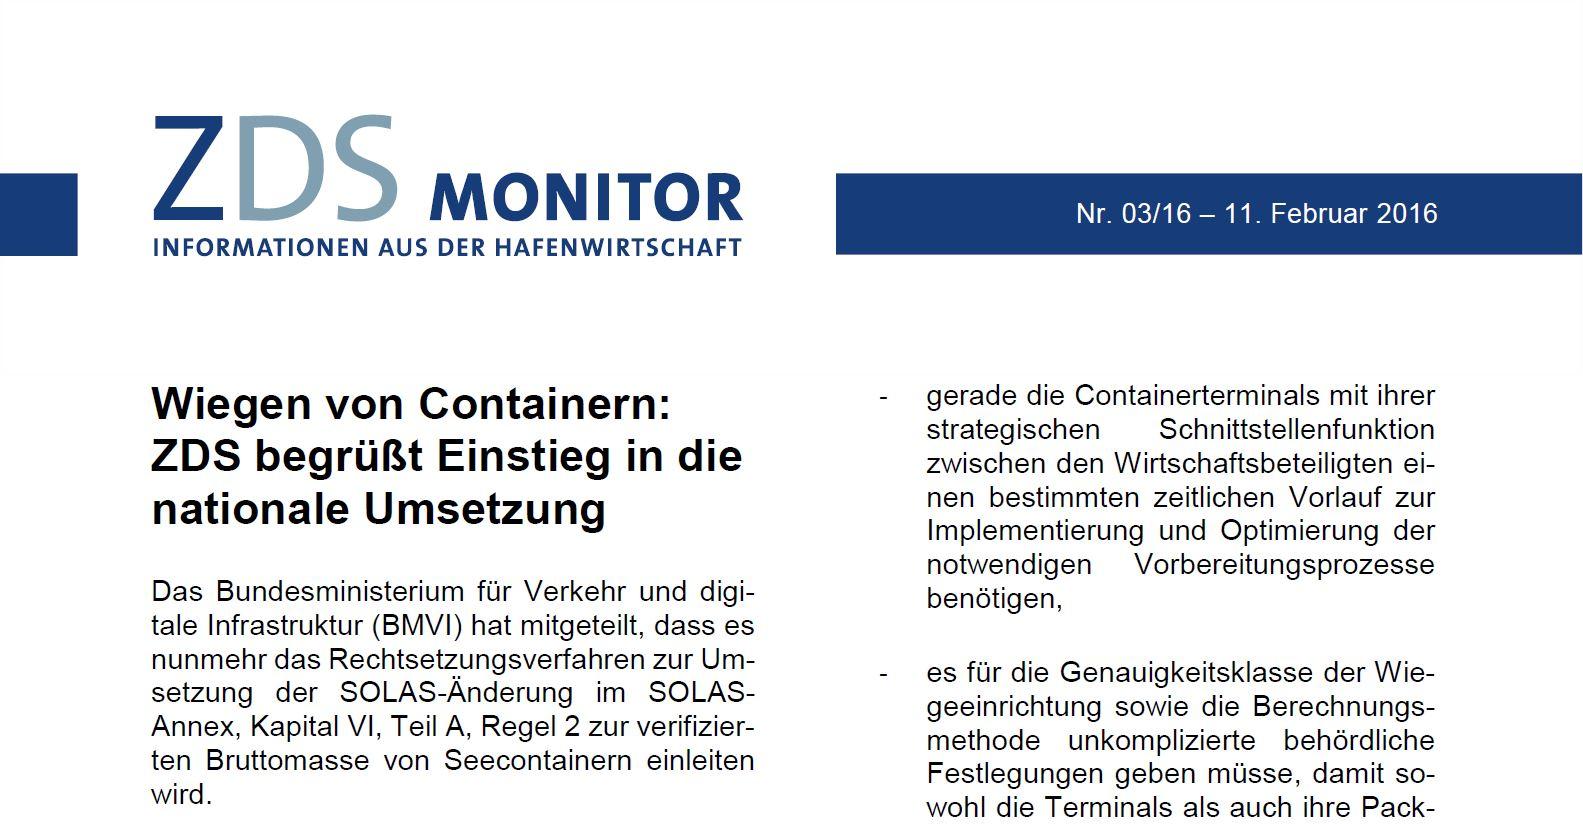 wiegen-von-containern